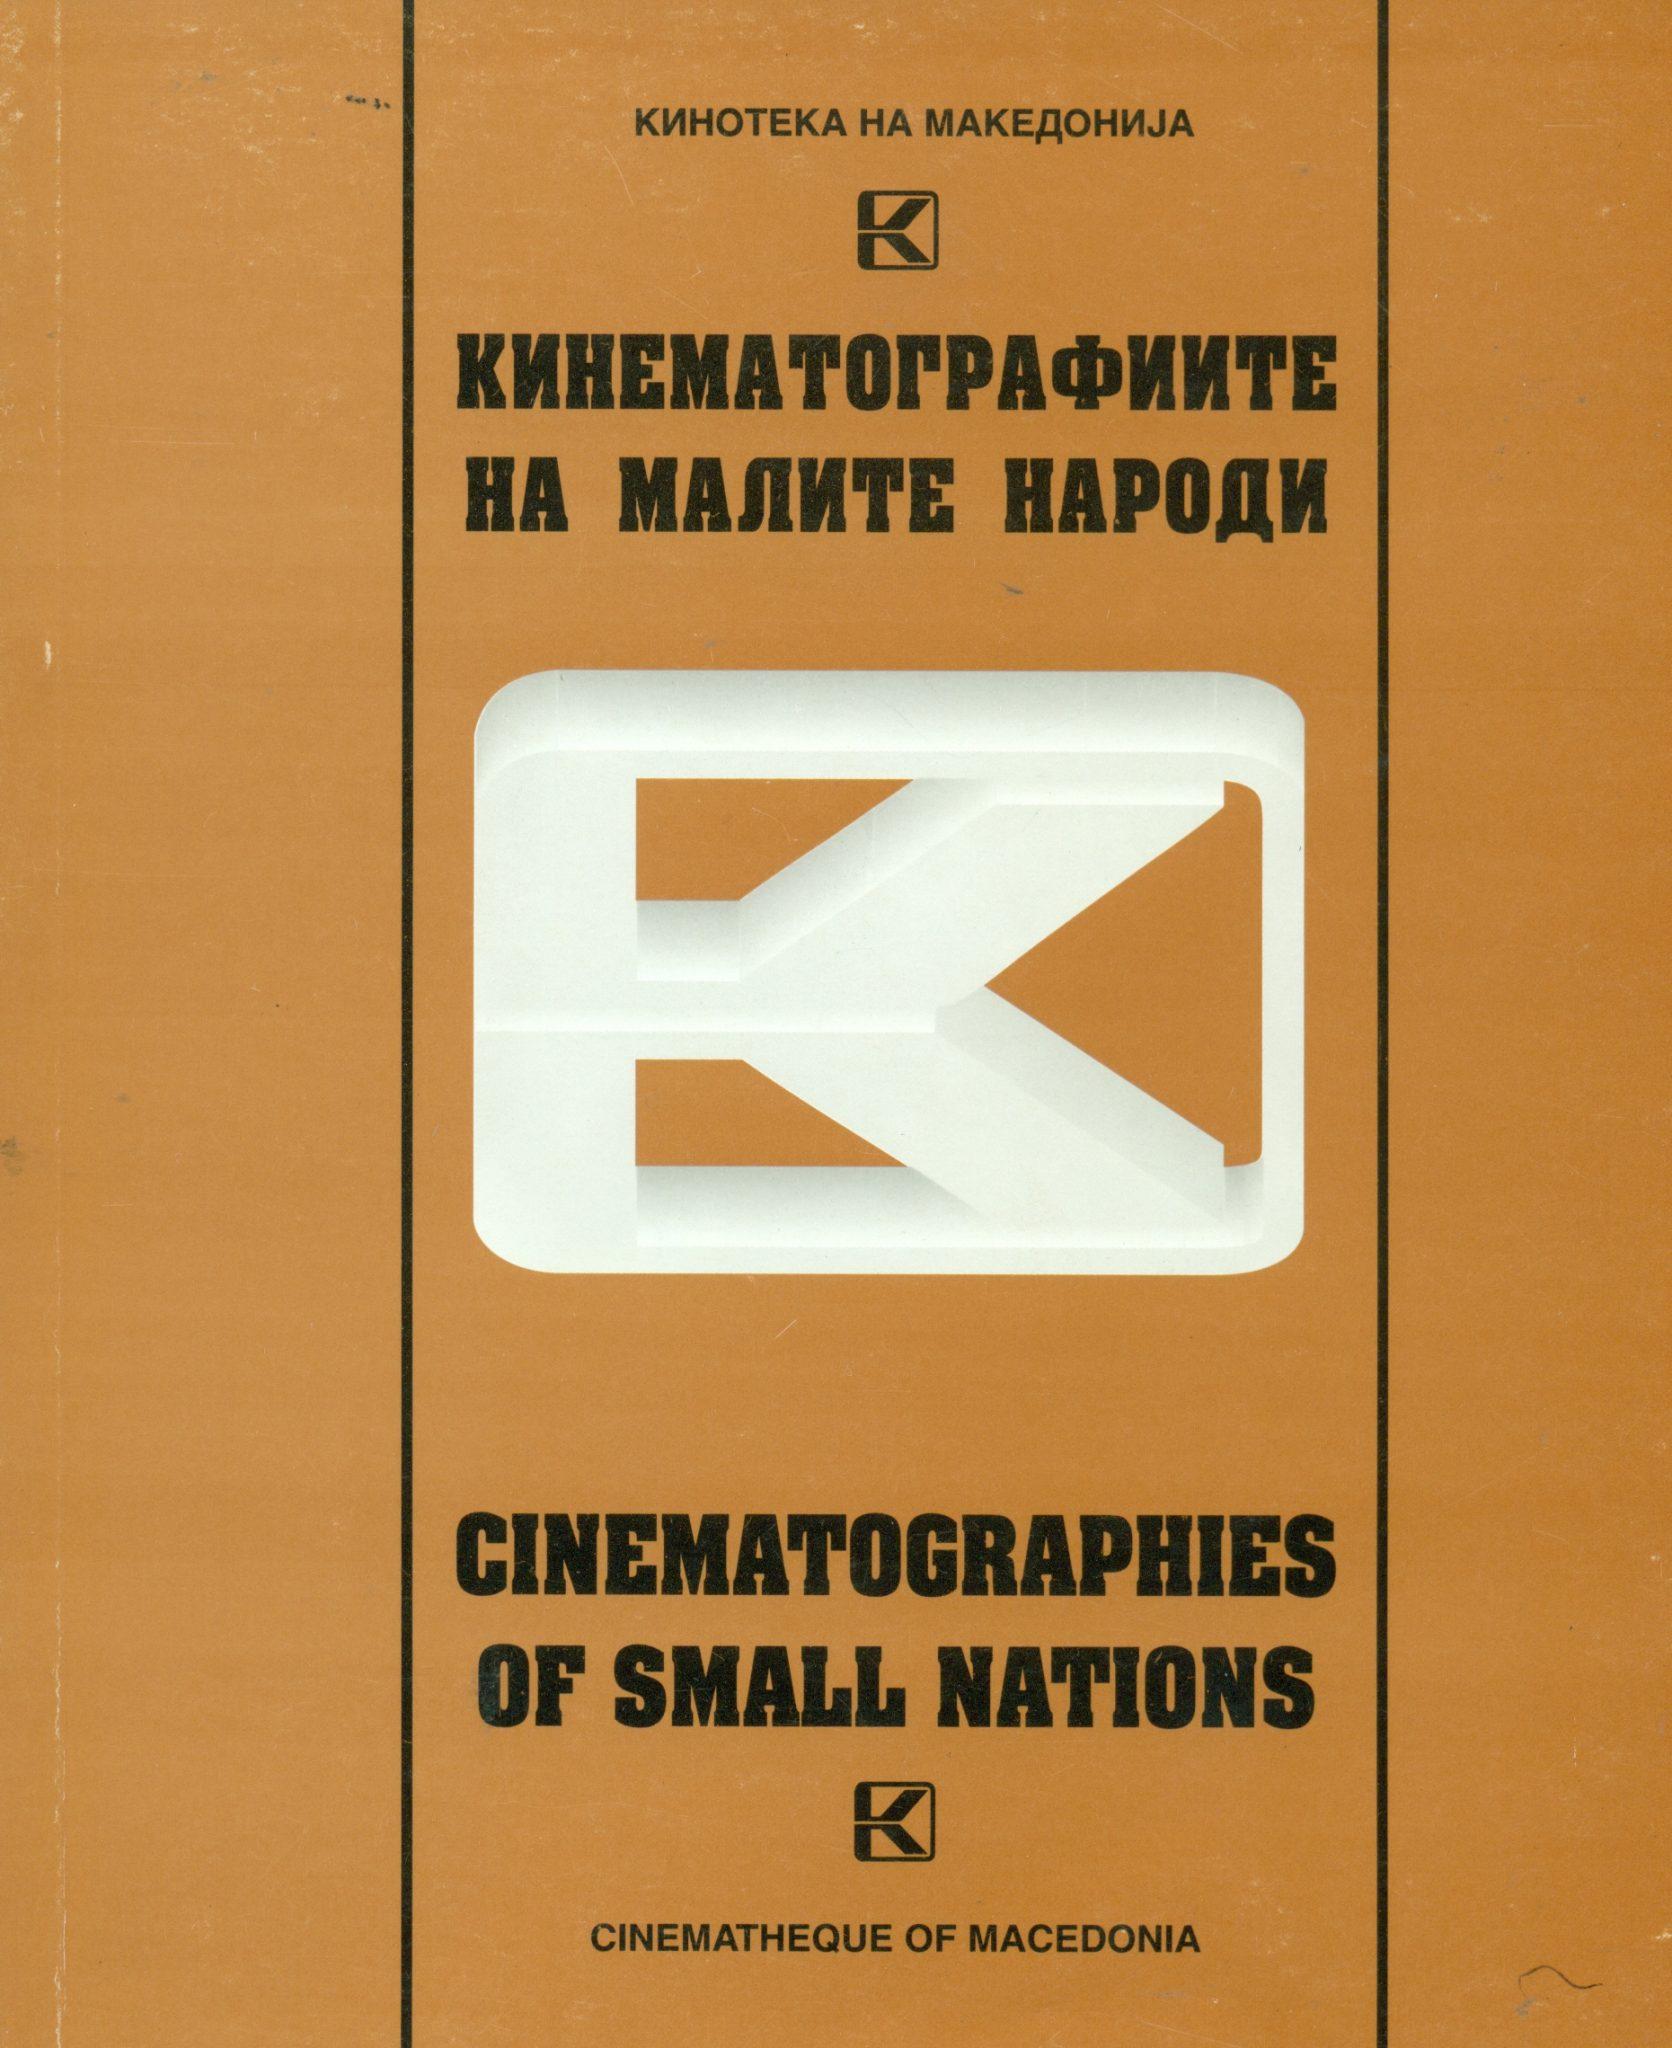 Кинематографиите на малите народи: резултати од меѓународниот симпозиум одржан во Скопје на 28 и 29 септември 1995